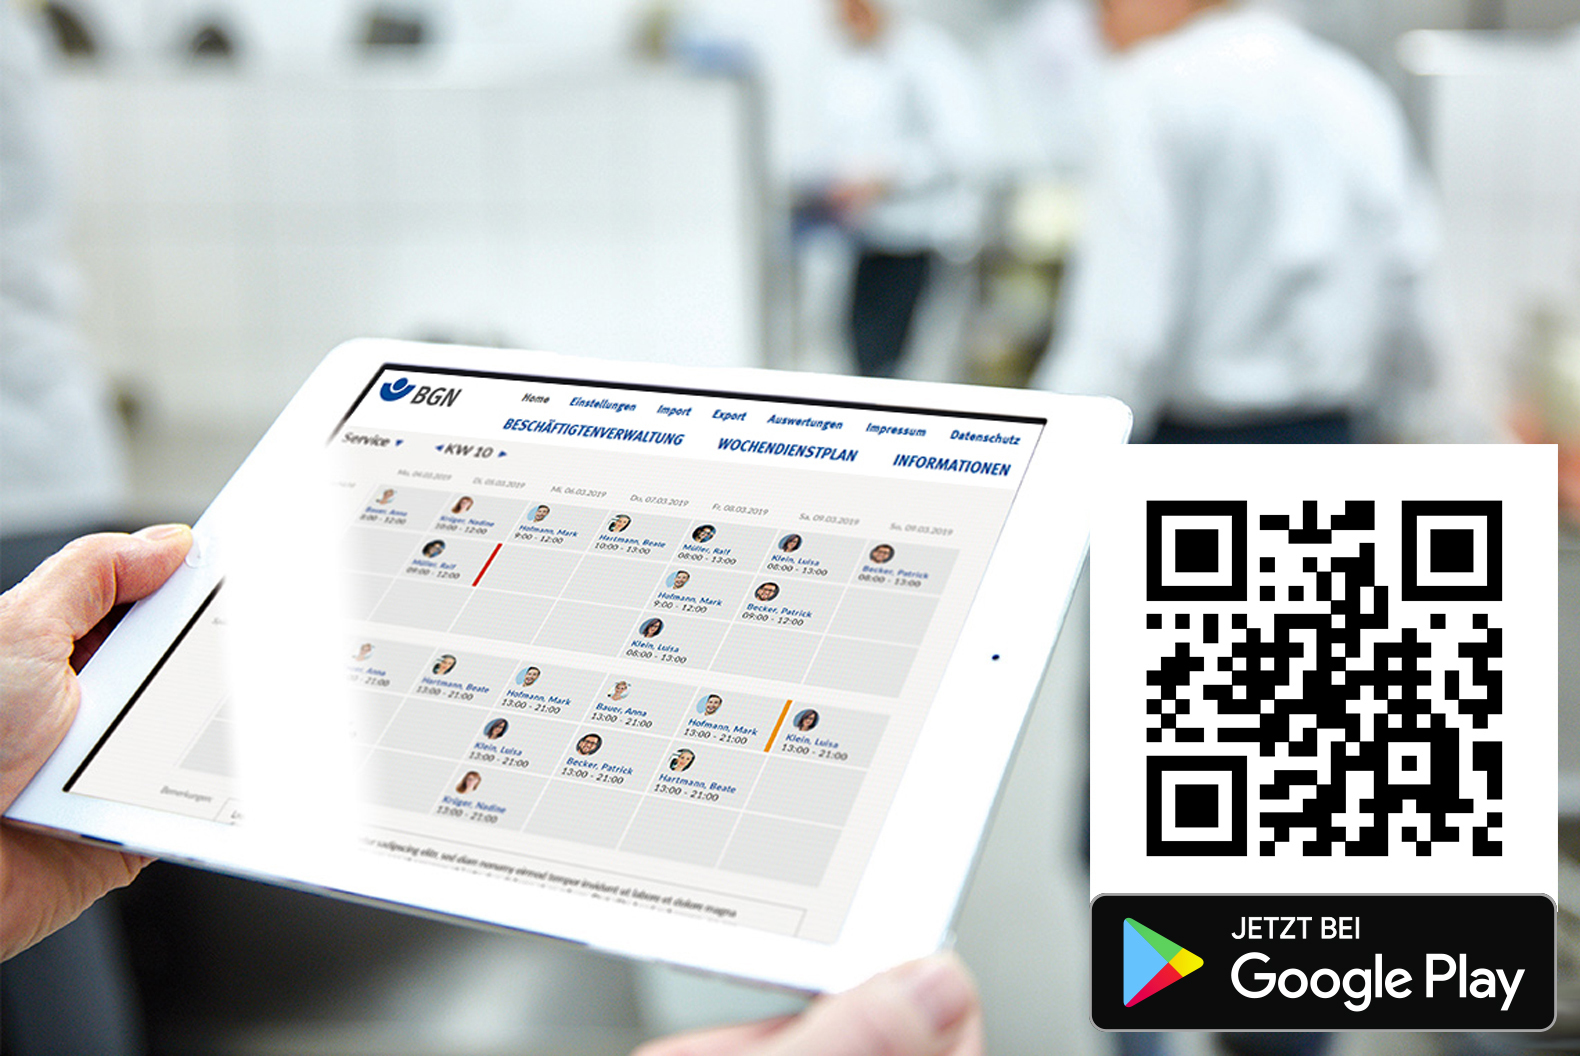 BGN-Dienstplan-APP für Android